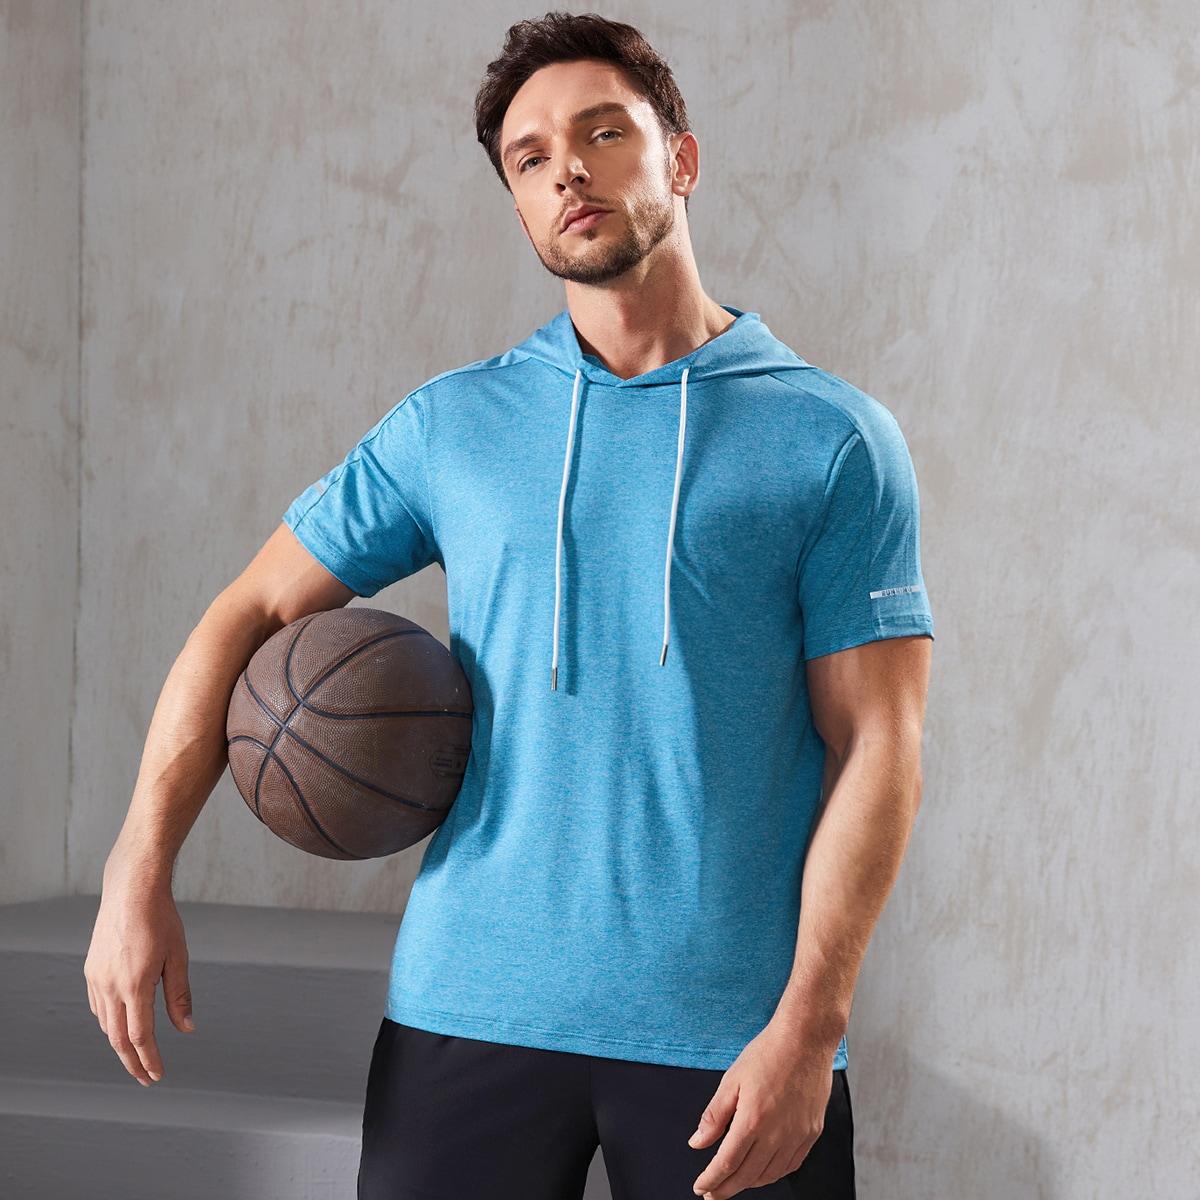 Мужская однотонная спортивная футболка с капюшоном